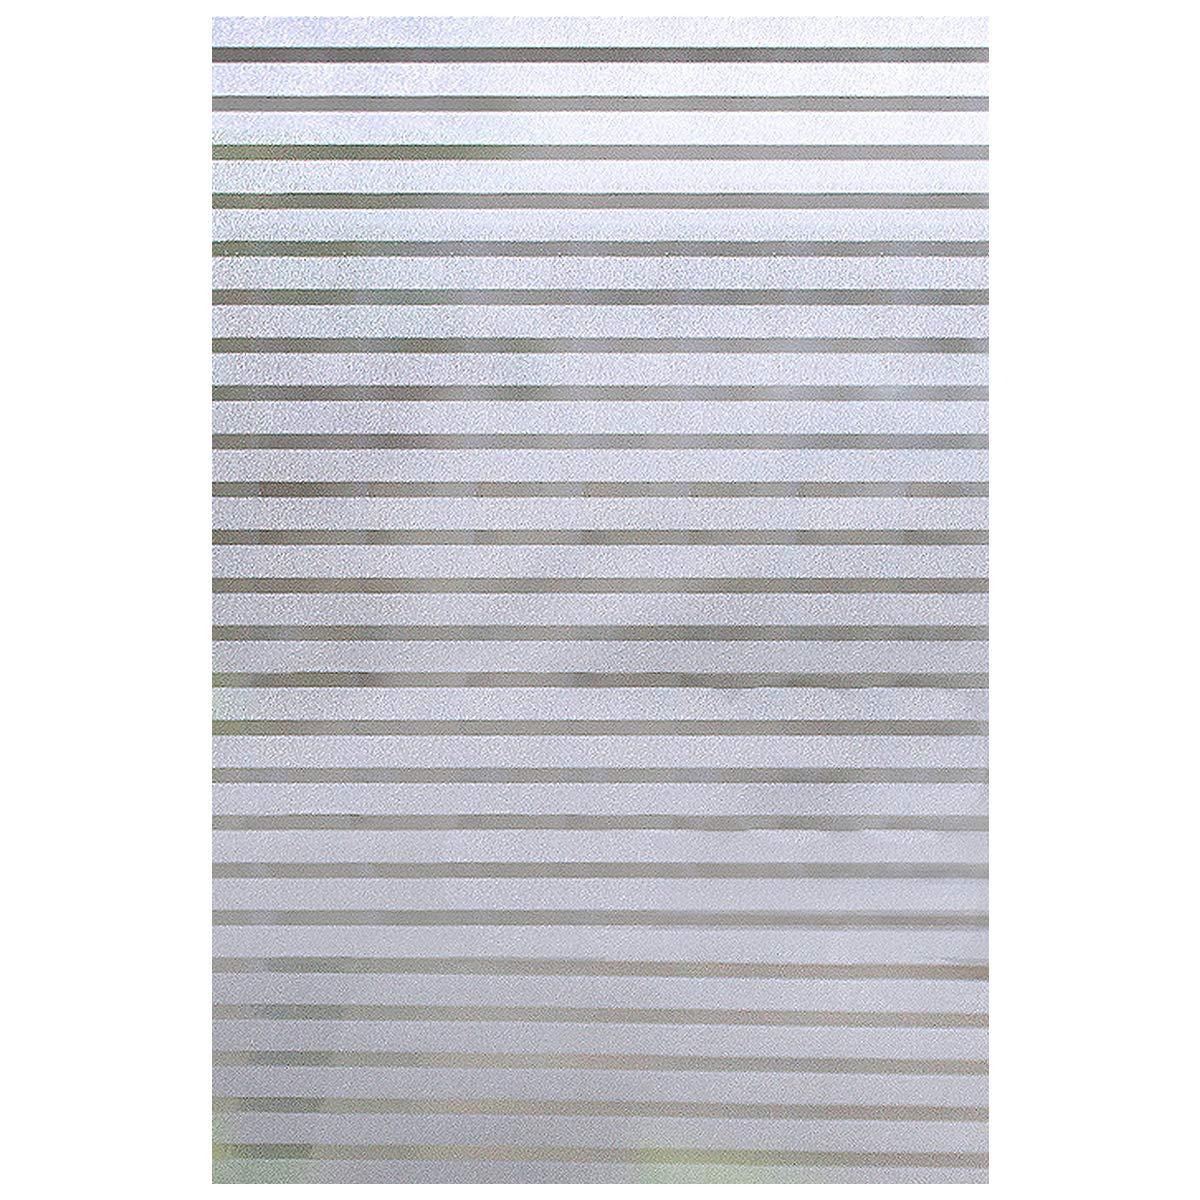 Pellicola per Finestra Adesivo per Vetro EASEHOME Pellicole per Vetri Pellicola Privacy Opaca Pellicola Smerigliata Per Finestre Autoadesive Anti-UV Decorativa Vetrofanie 17.7x78.7(45x200cm), 3D Striscia